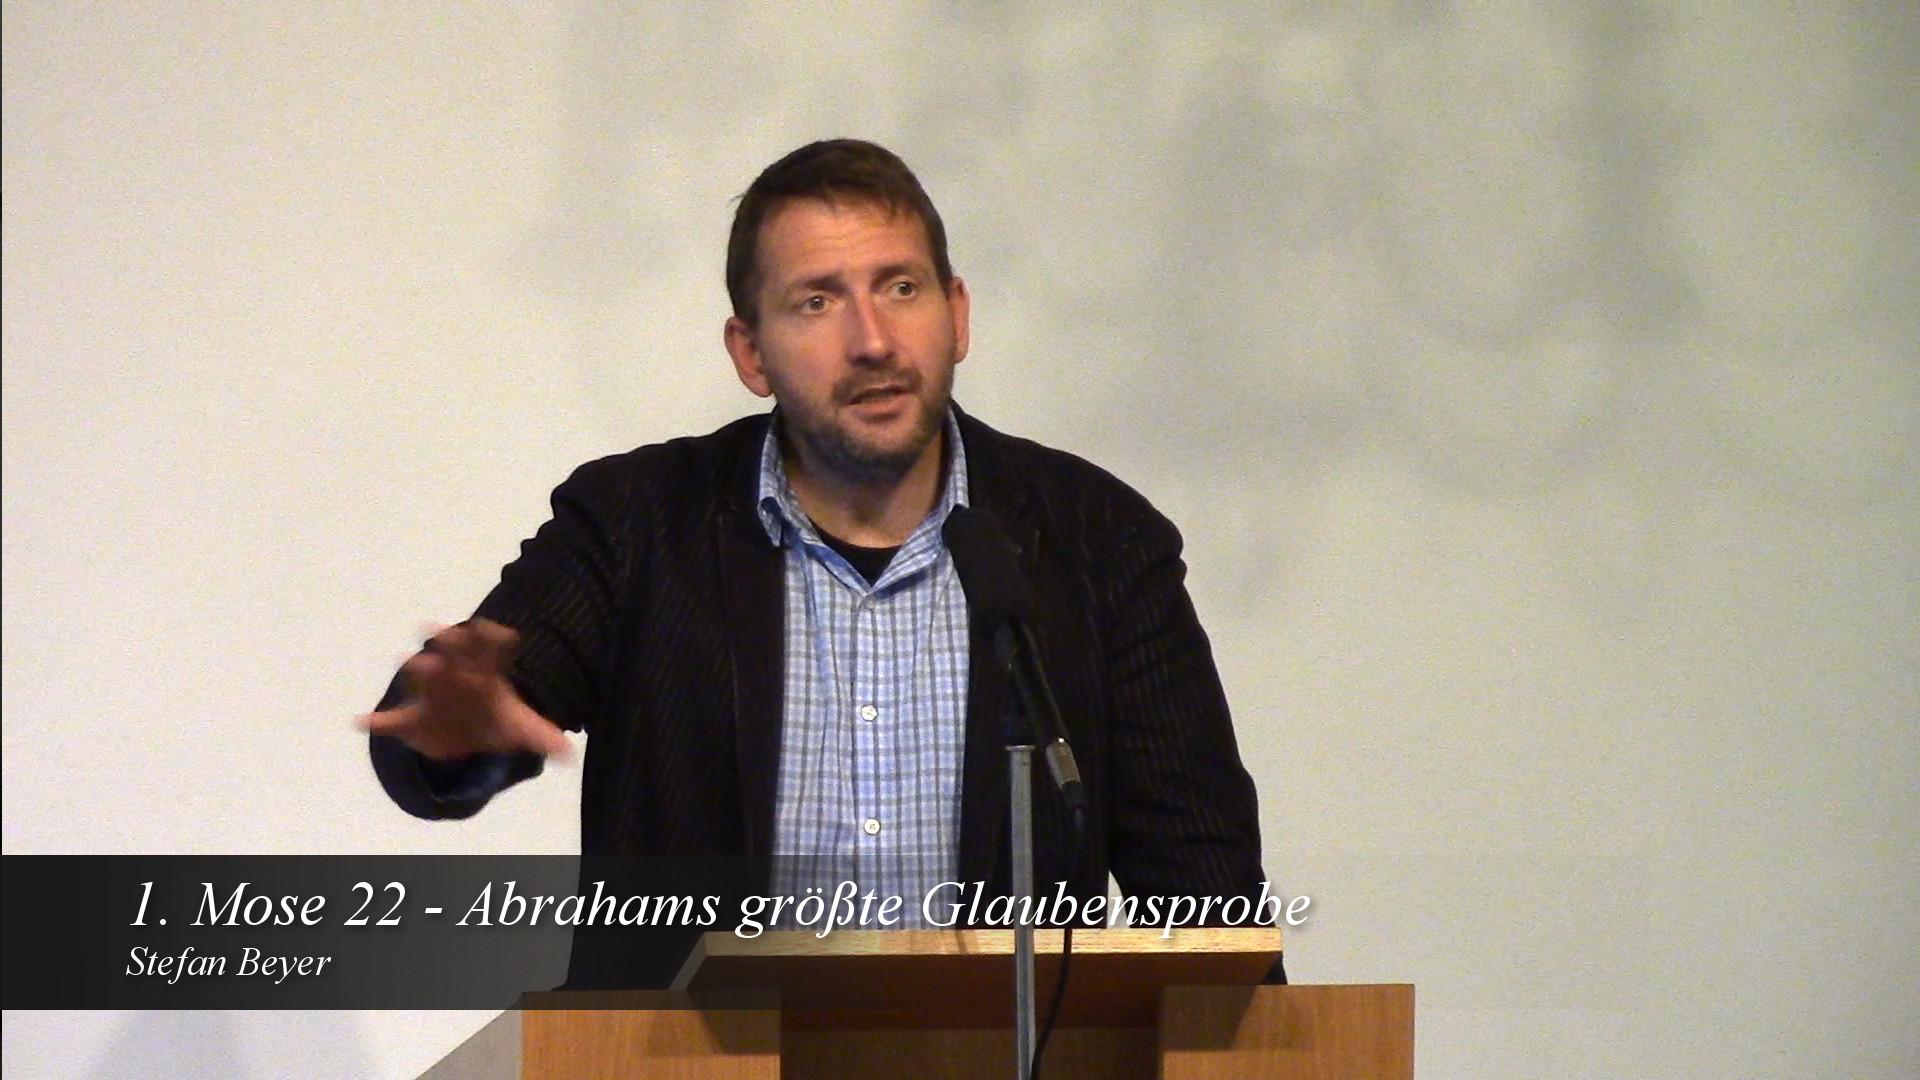 Abrahams größte Glaubensprobe